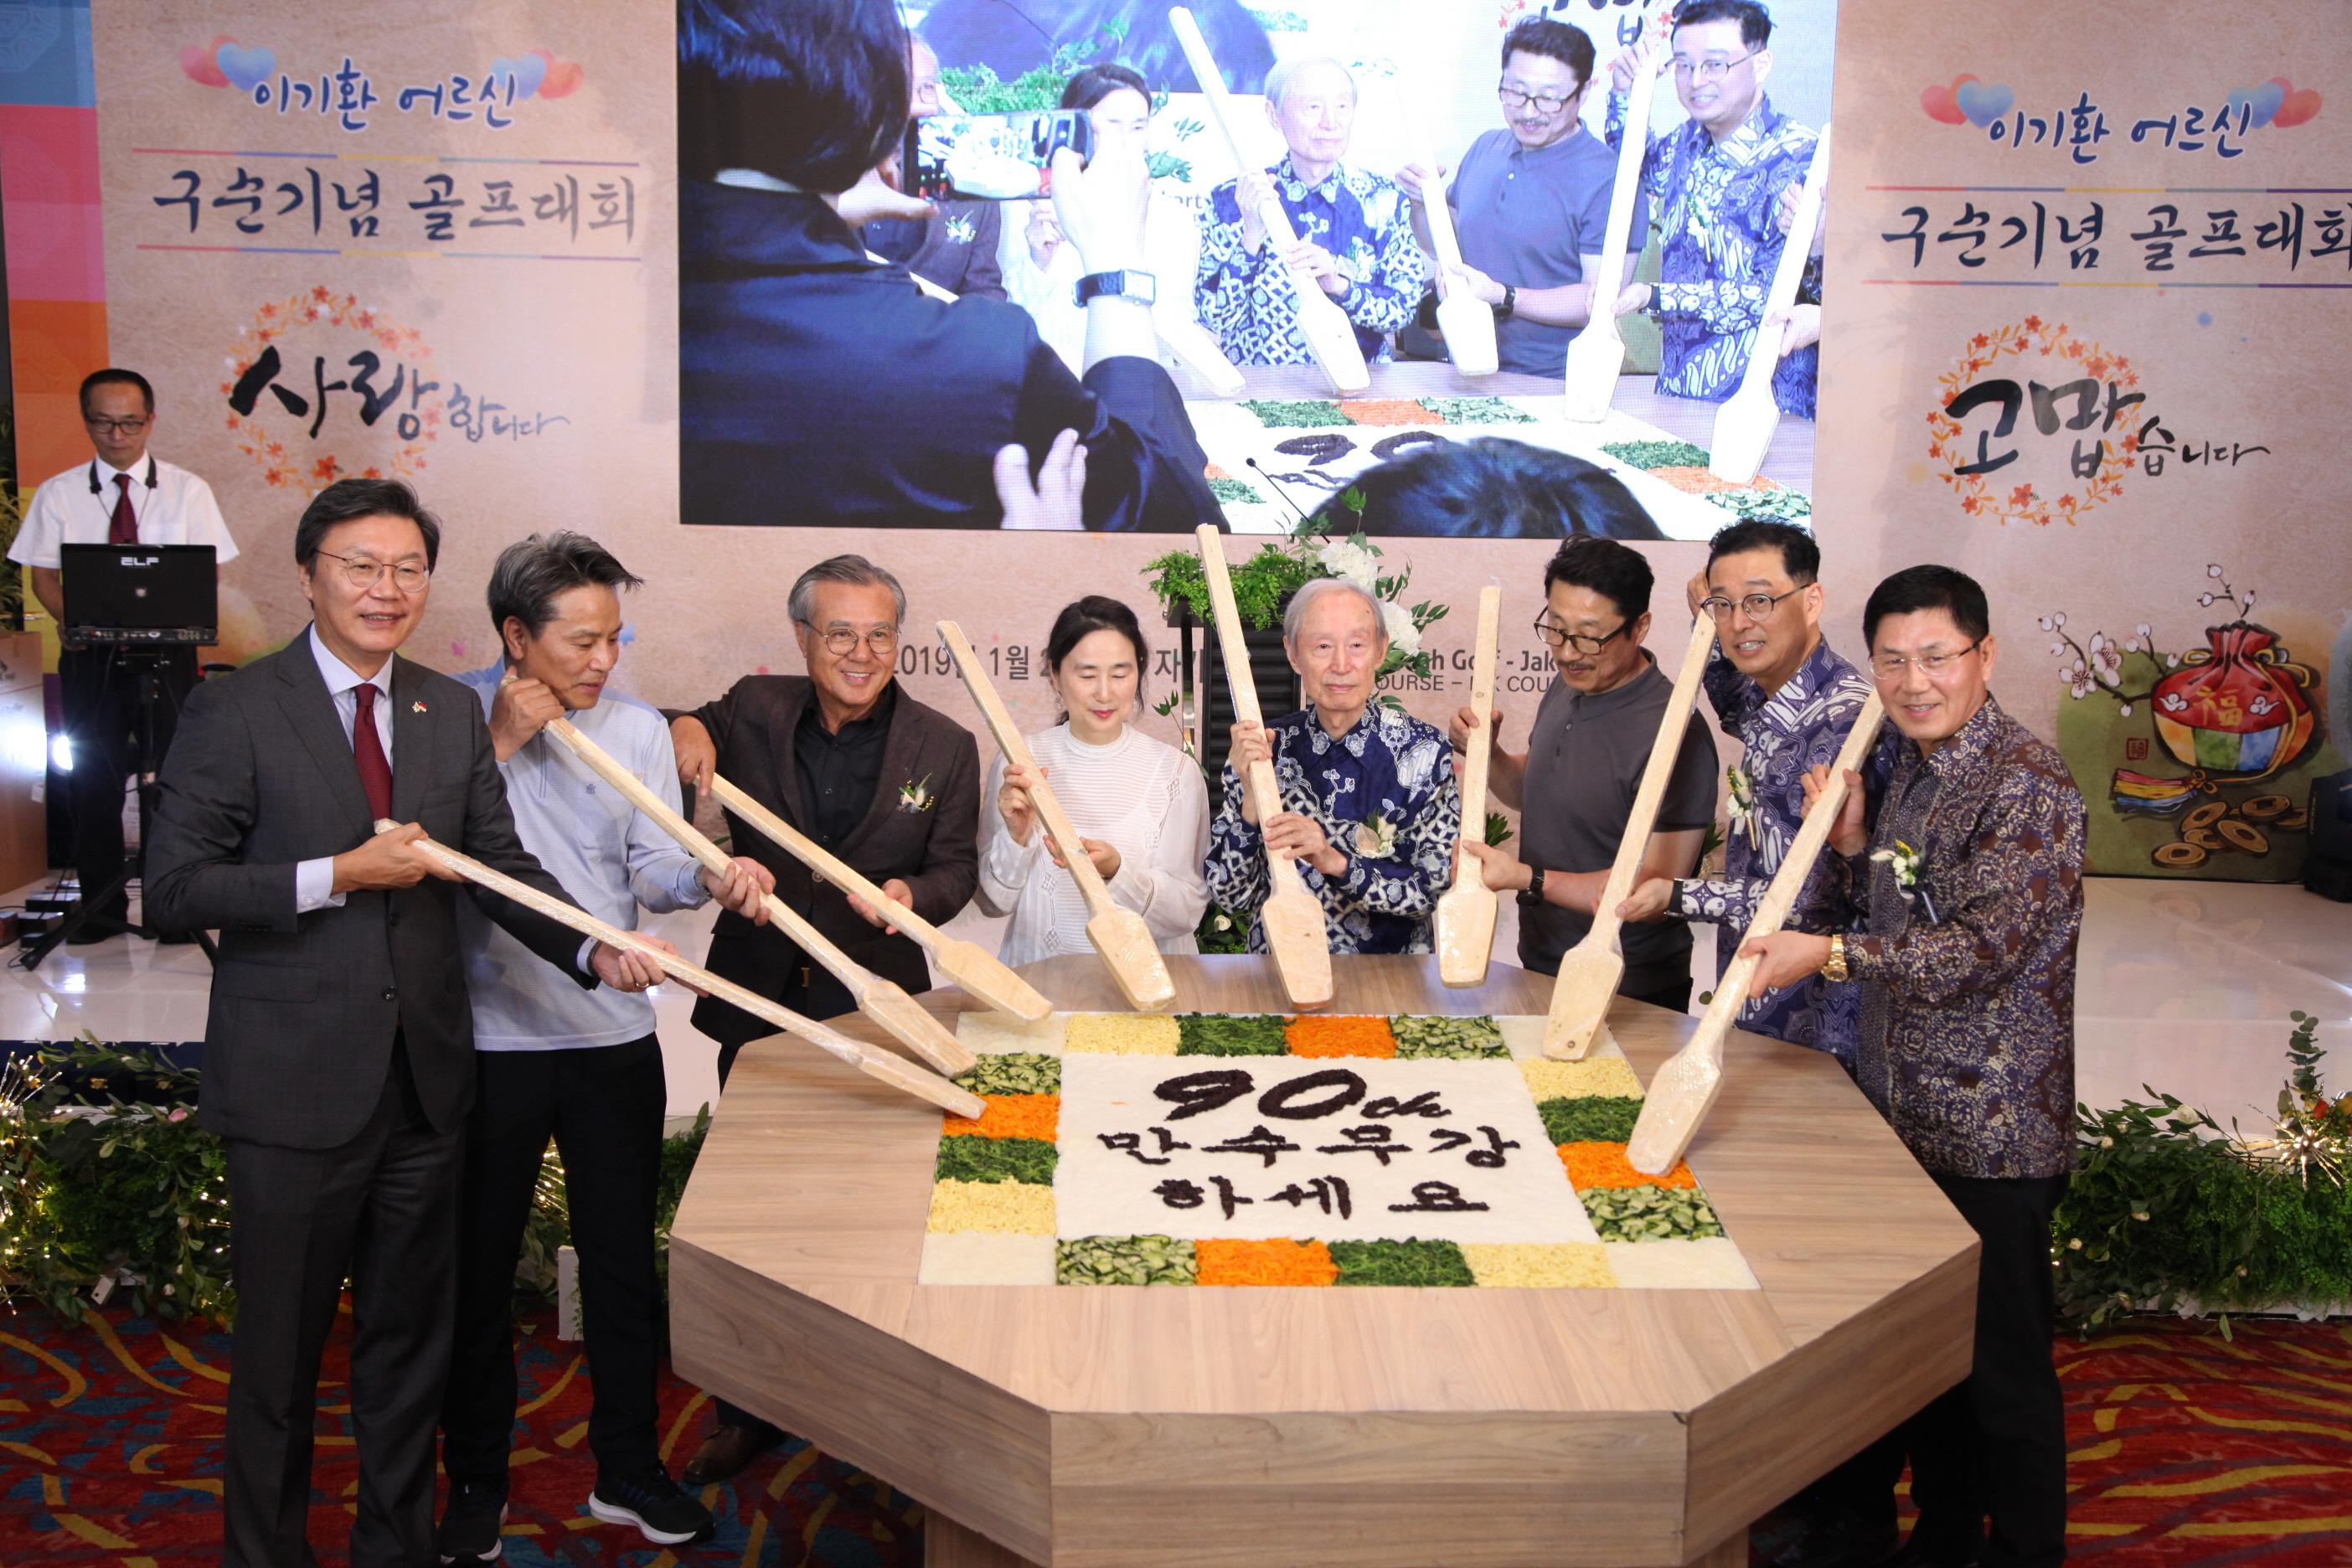 이기환 옹 구순생신 축하 비빔밥 퍼포먼스에 참가하고 있는 한인인사들